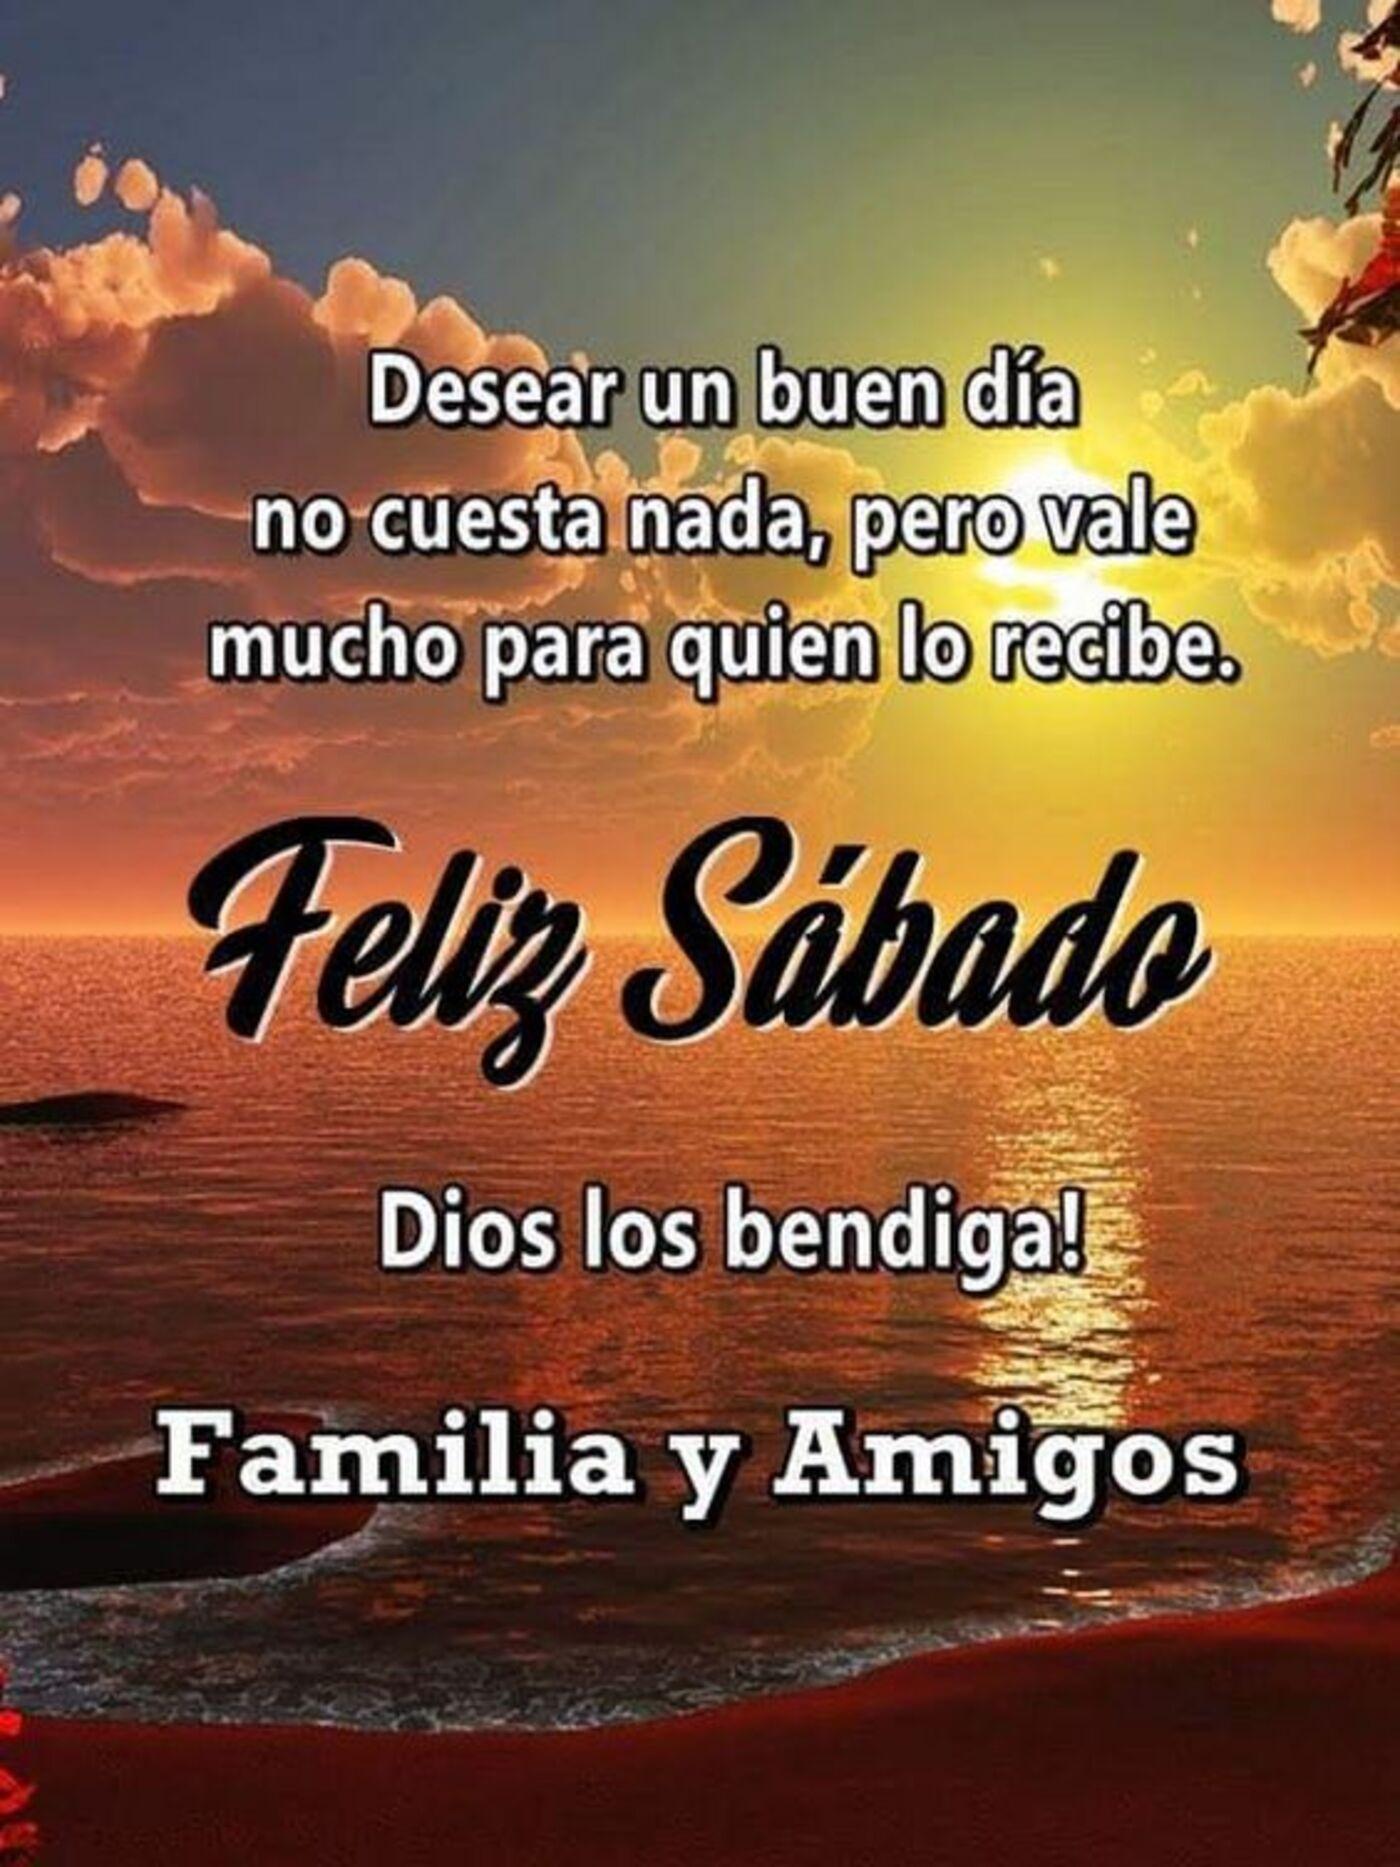 Desear un buen día no cuesta nada, pero vale mucho para quien lo recibe. Feliz sábado Dios los bendiga! Familia y amigos